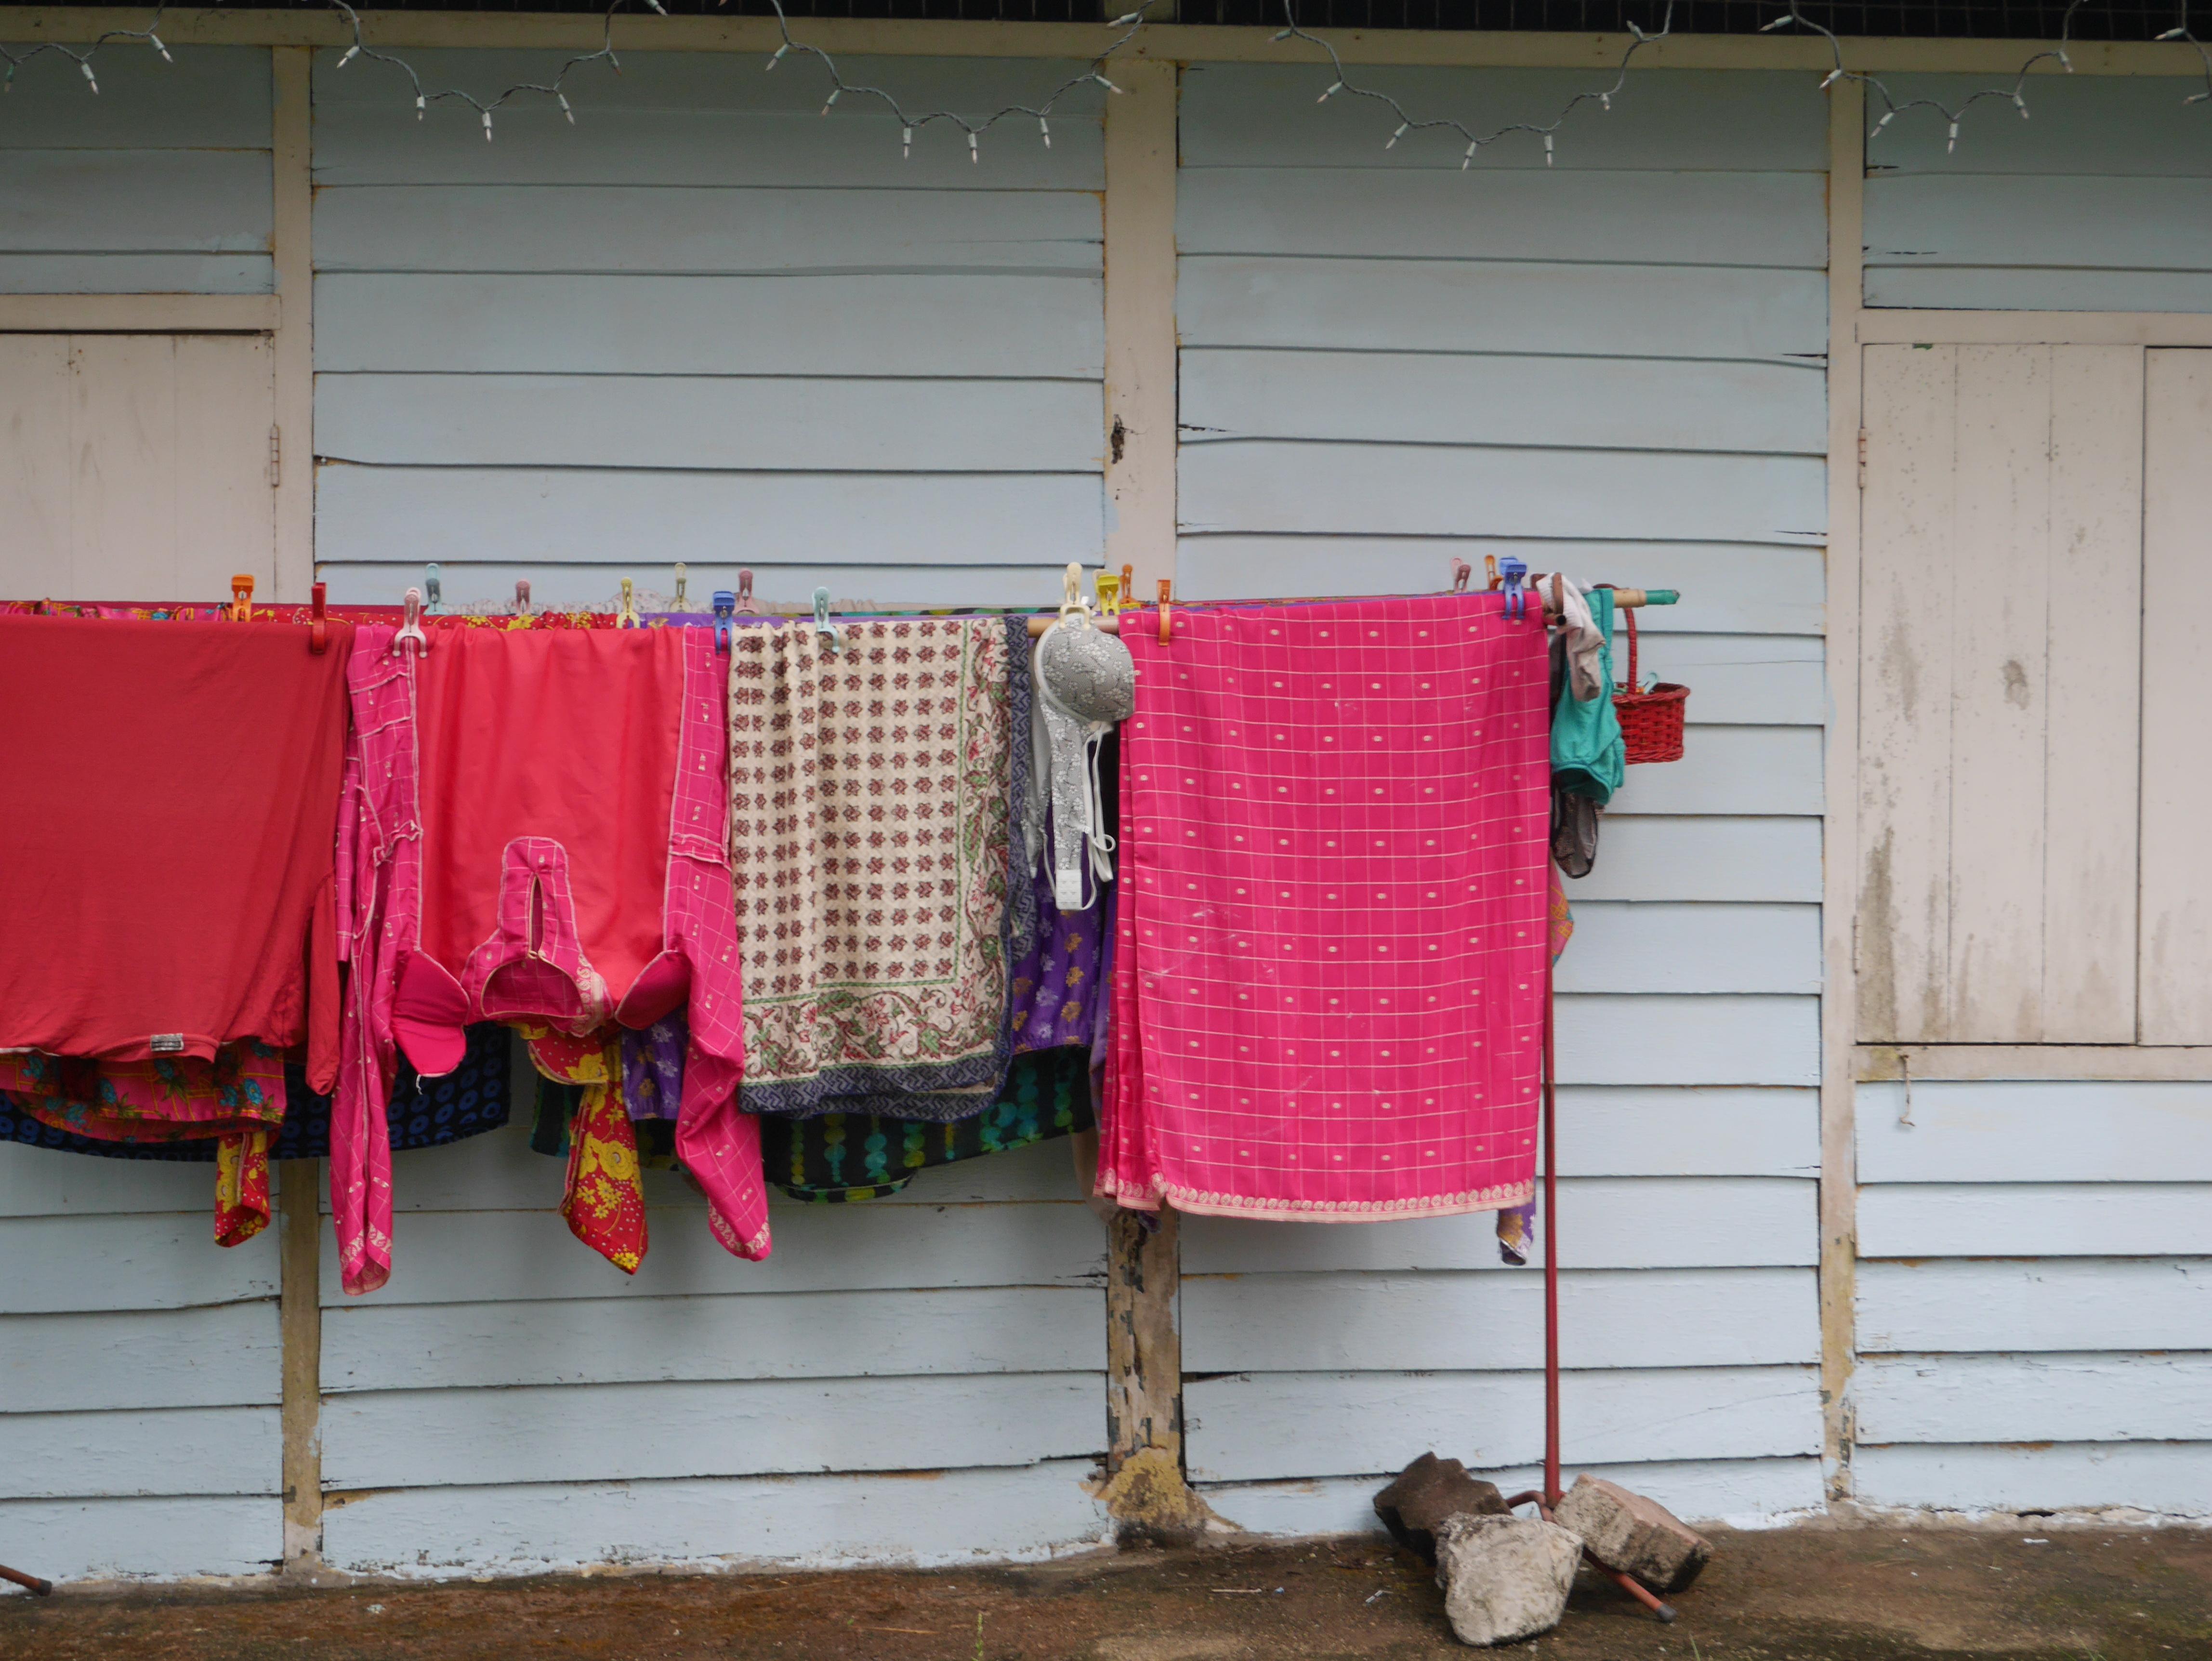 Singapore Buangkok Clothes